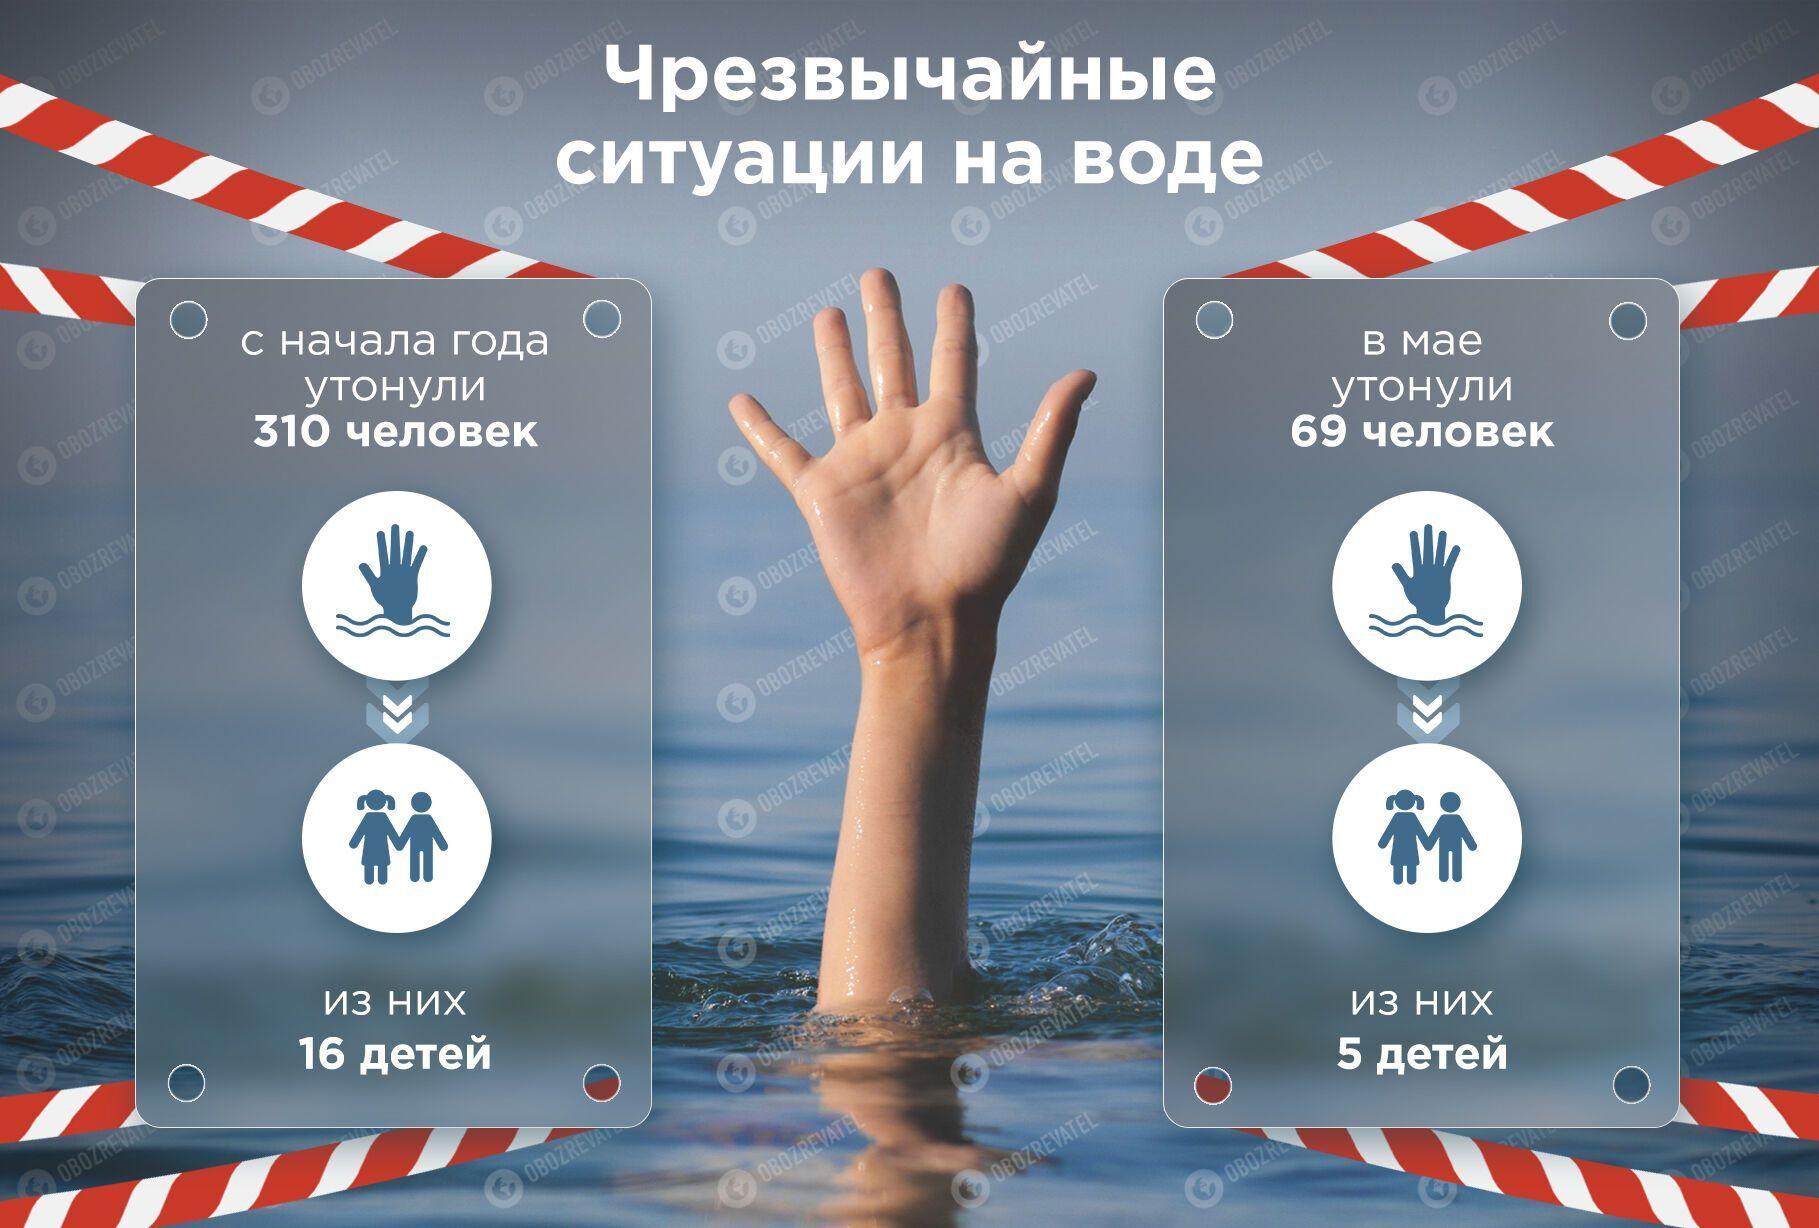 З початку року в Україні на воді загинуло понад 300 осіб